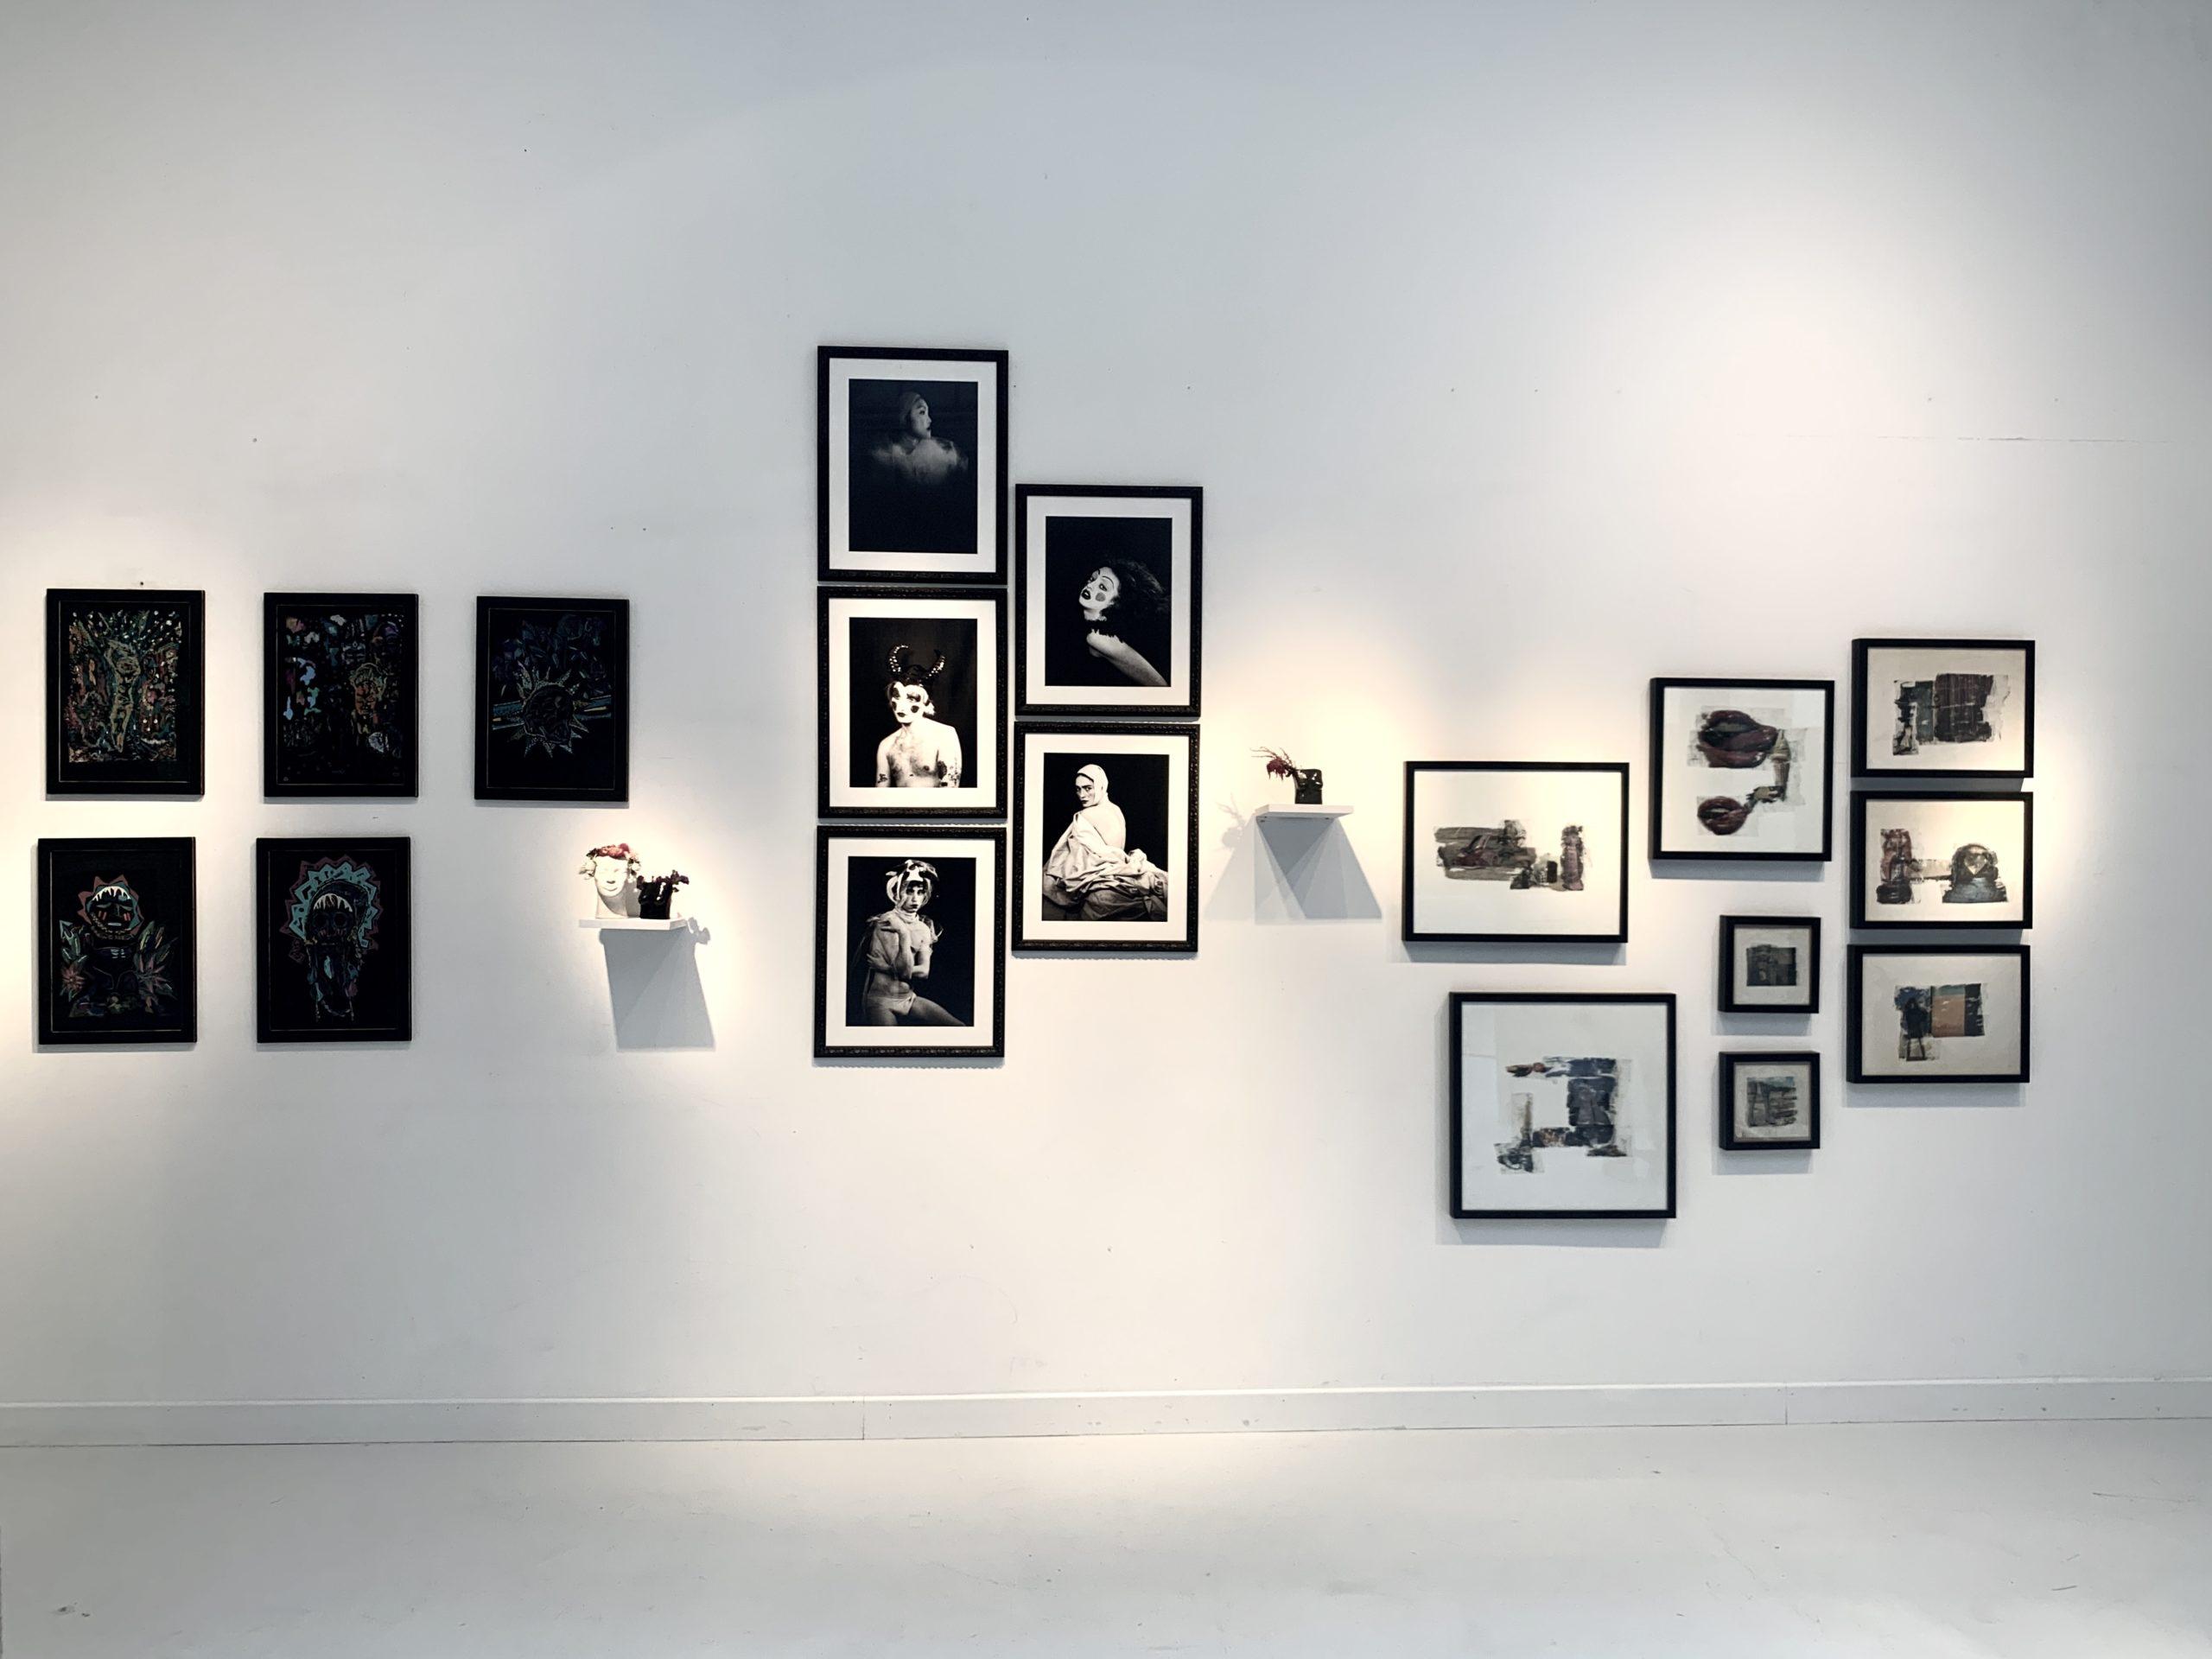 Vue de l'exposition.»Mauvaises graines», Paris, 22, rue Visconti. Du 18 au 22 septembre 2020. Photo artvisions.